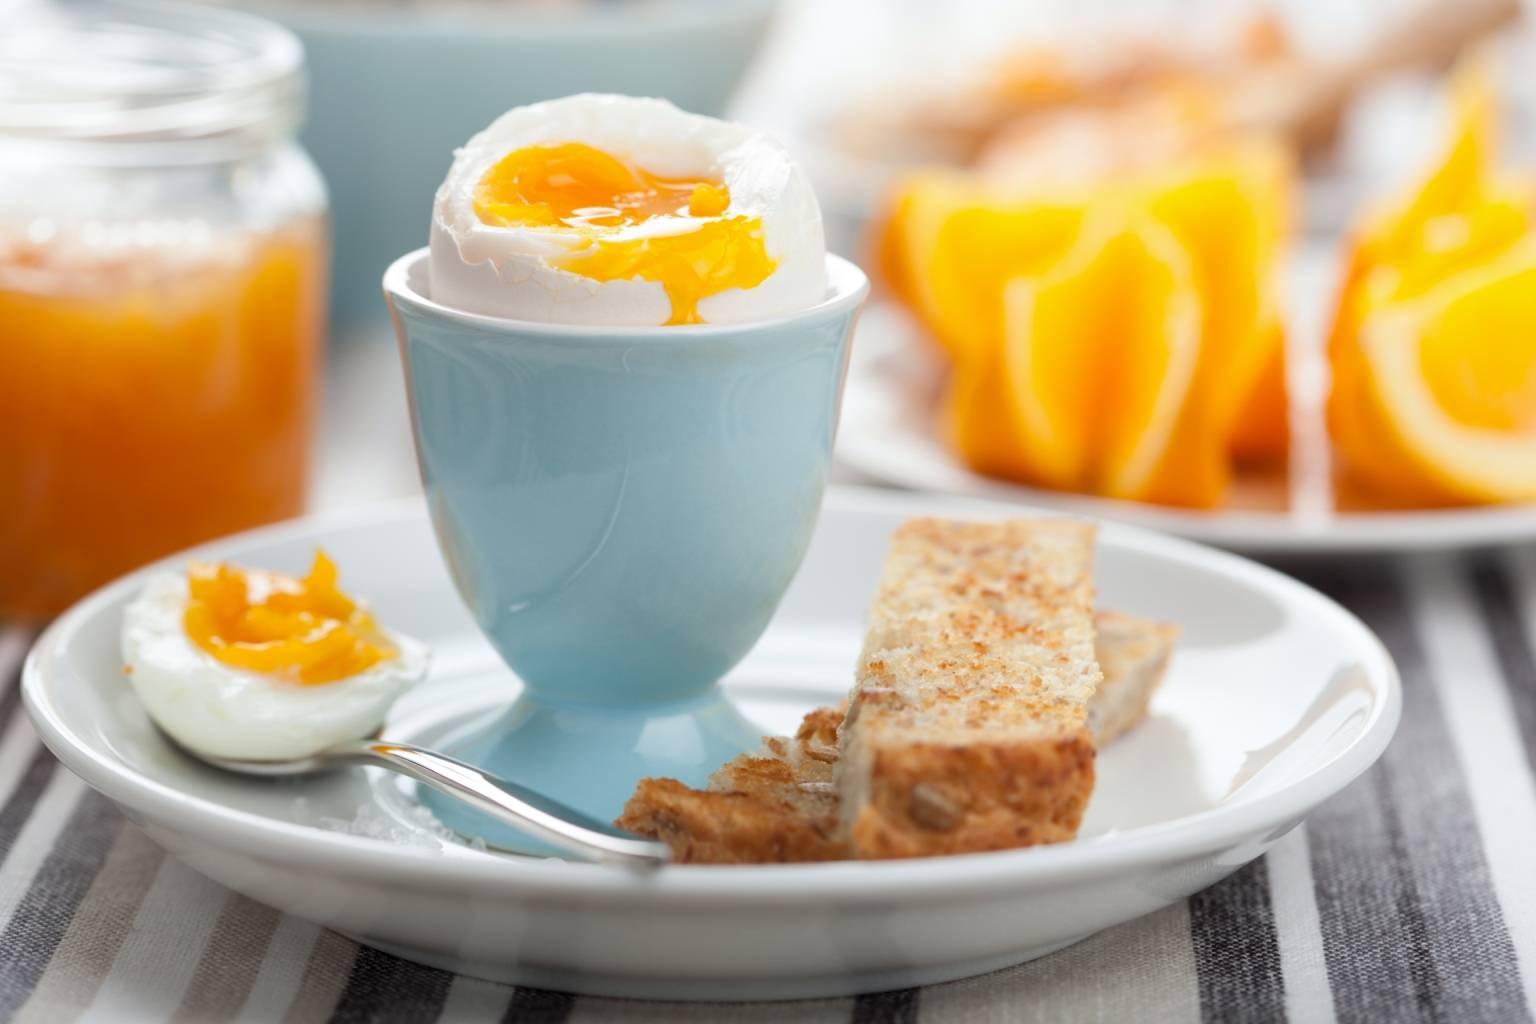 Jajka na miękko - najlepsze podczas diety lekkostrawnej.